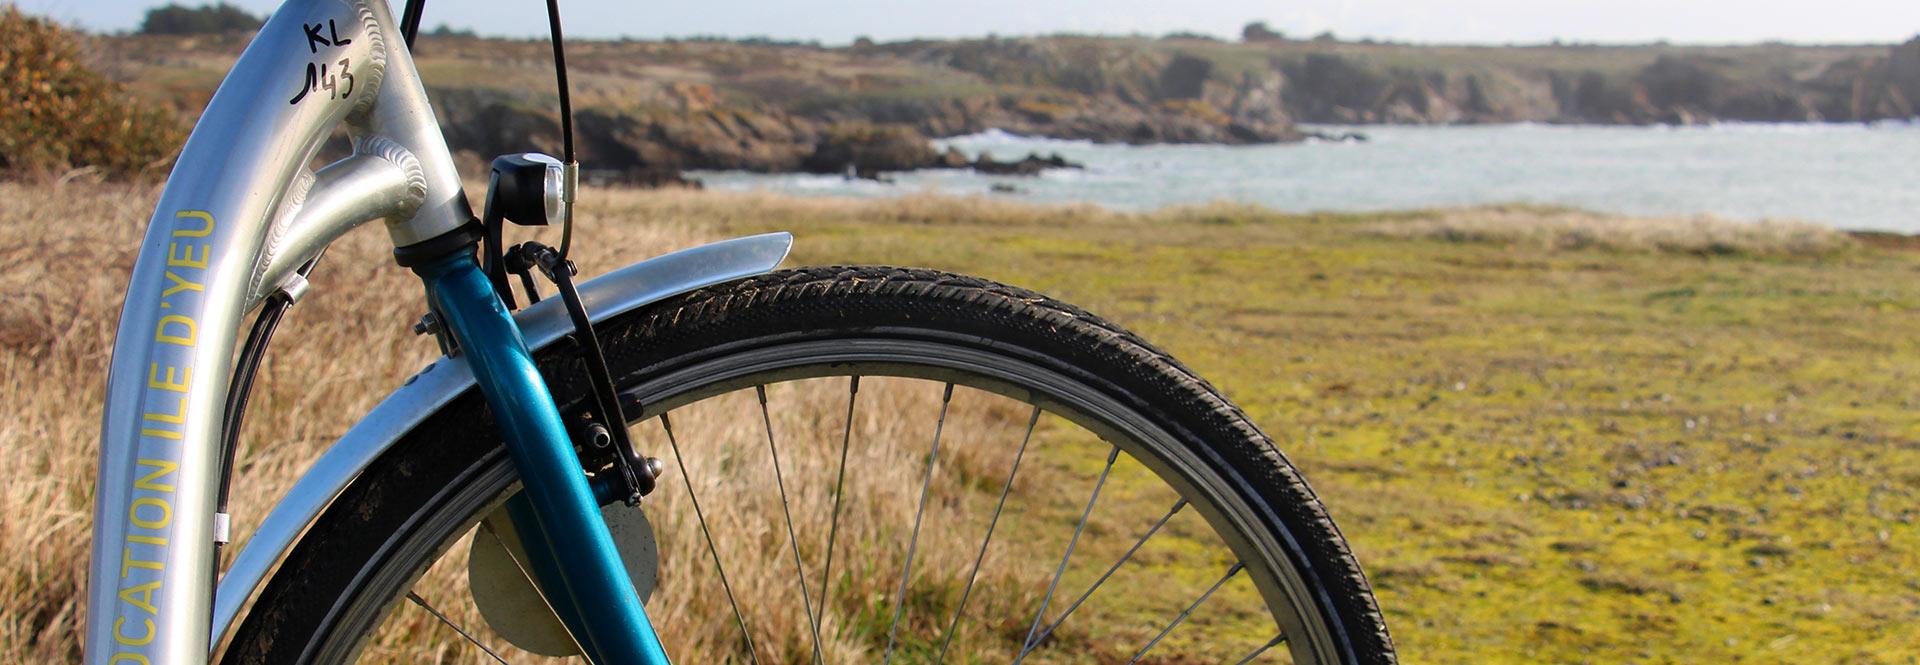 Roue de vélo devant l'océan